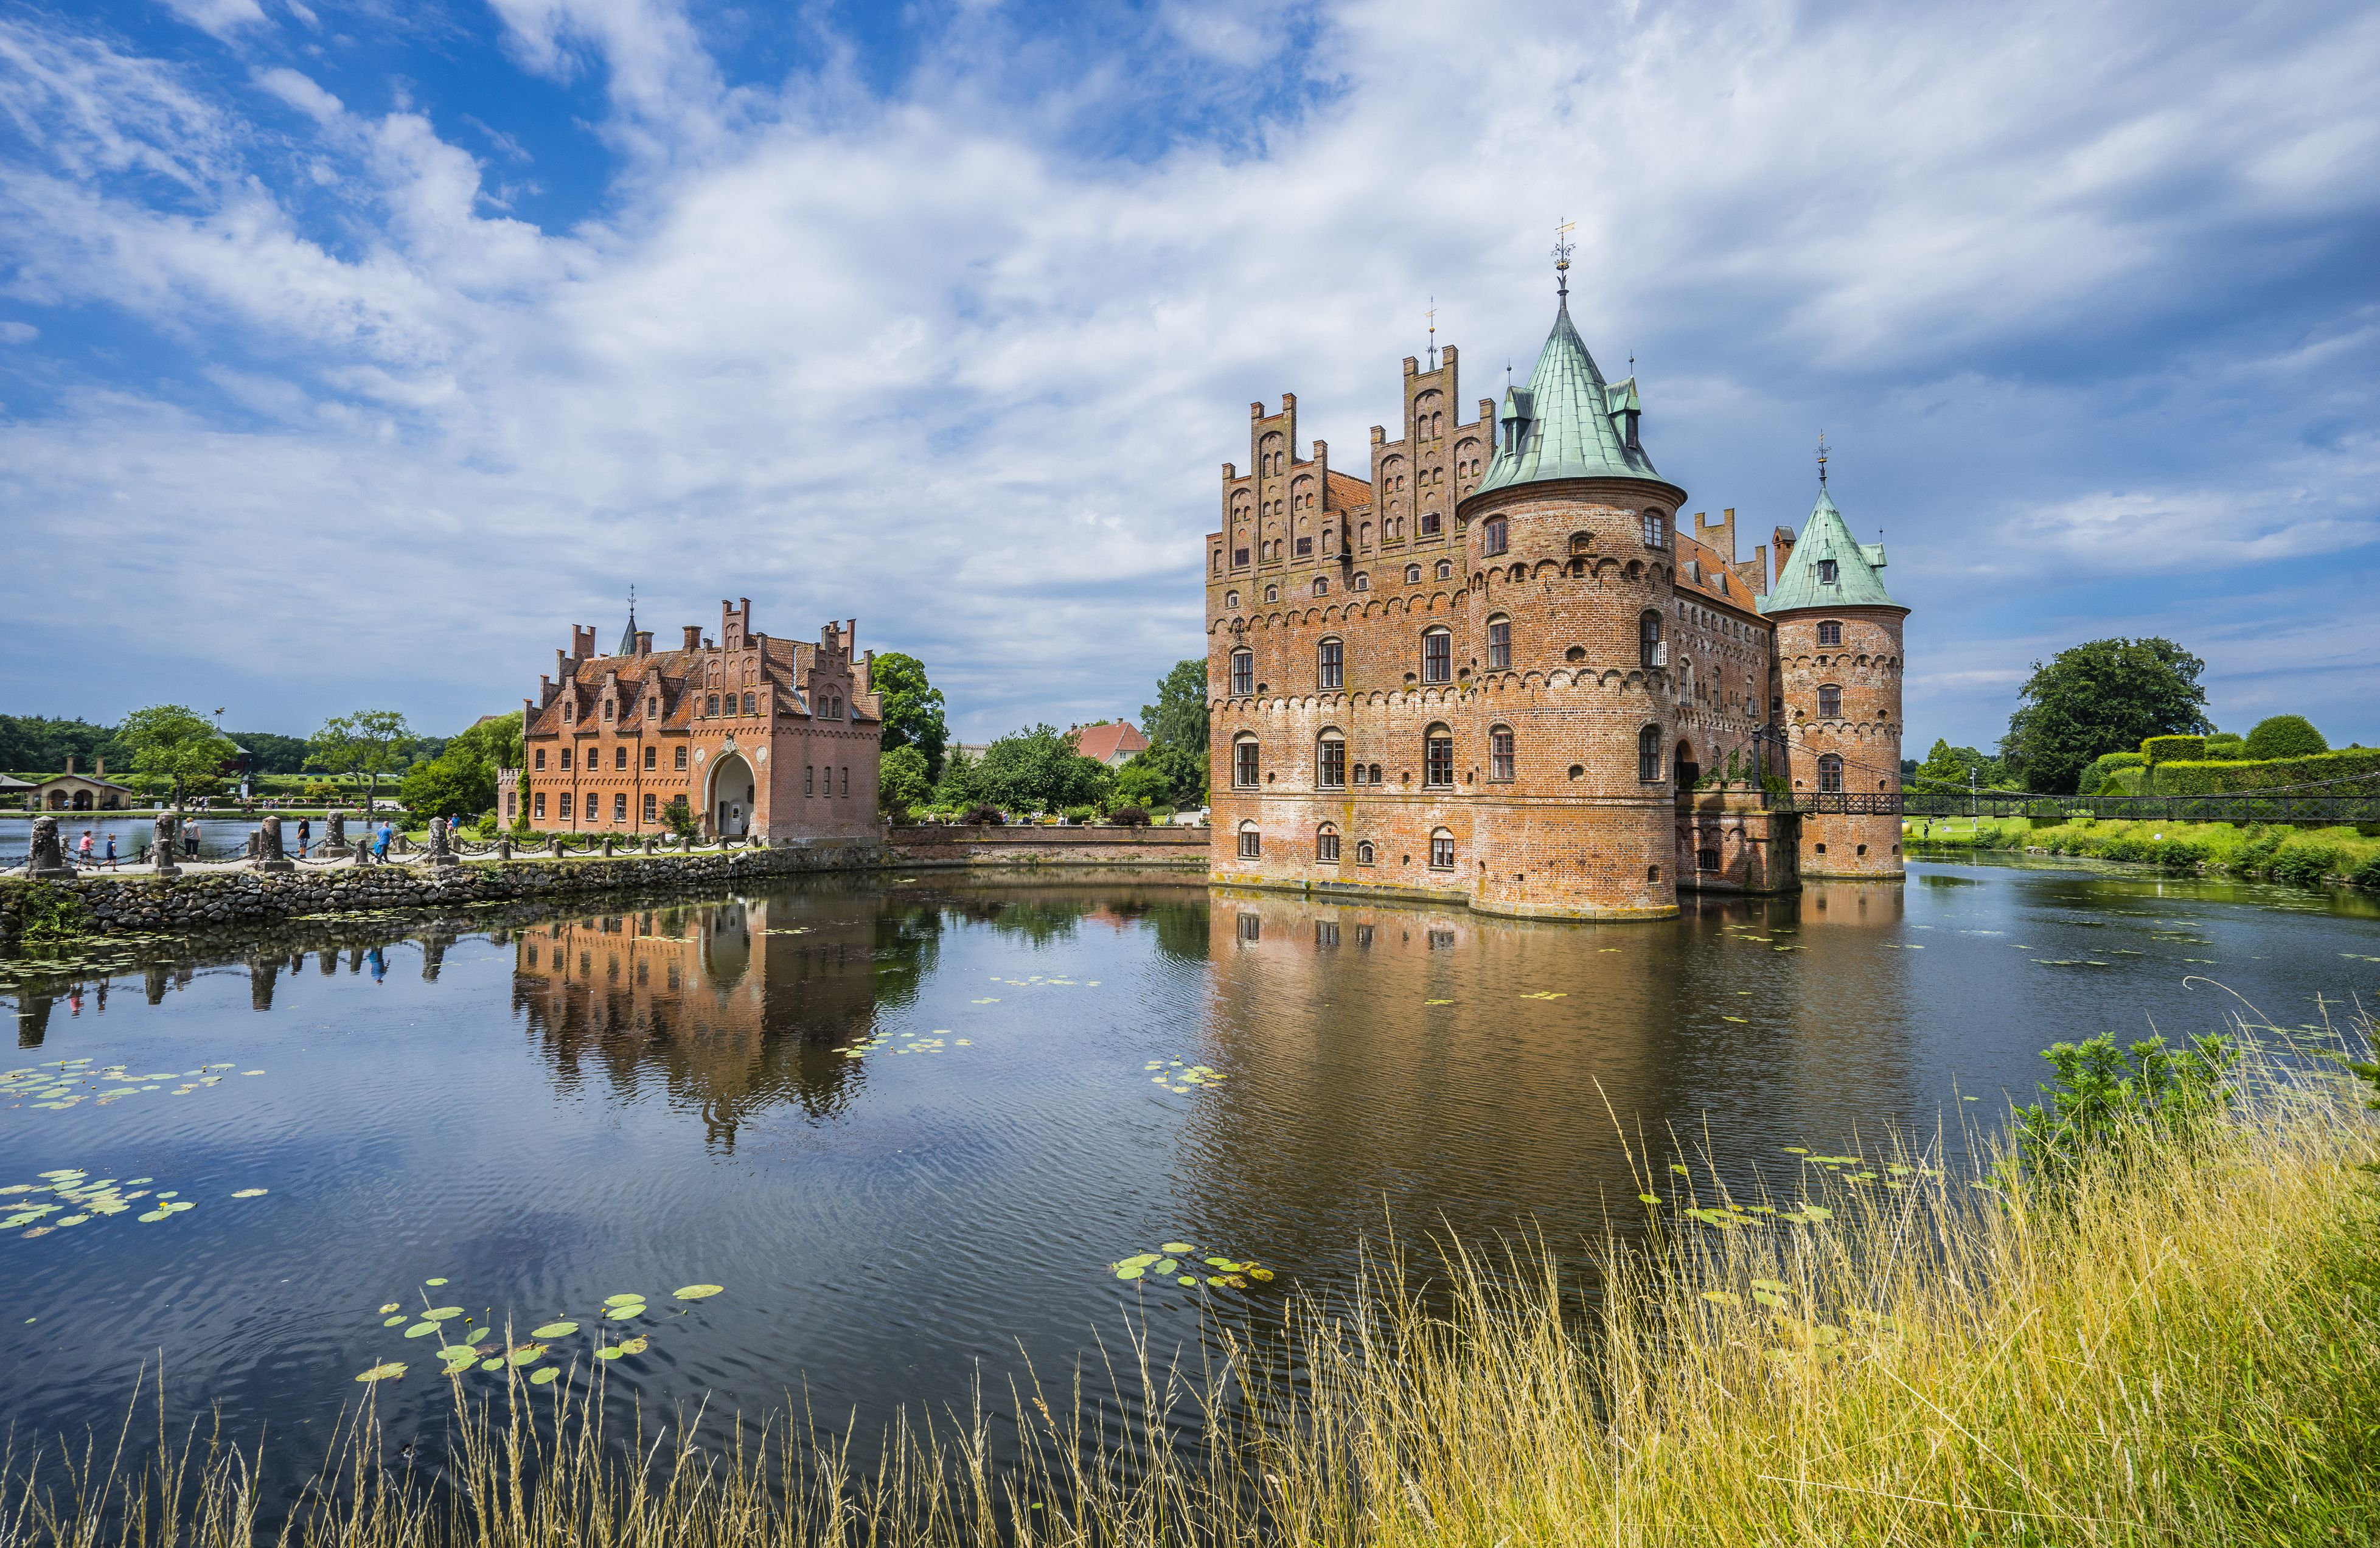 Egeskov Castle on the island of Funen